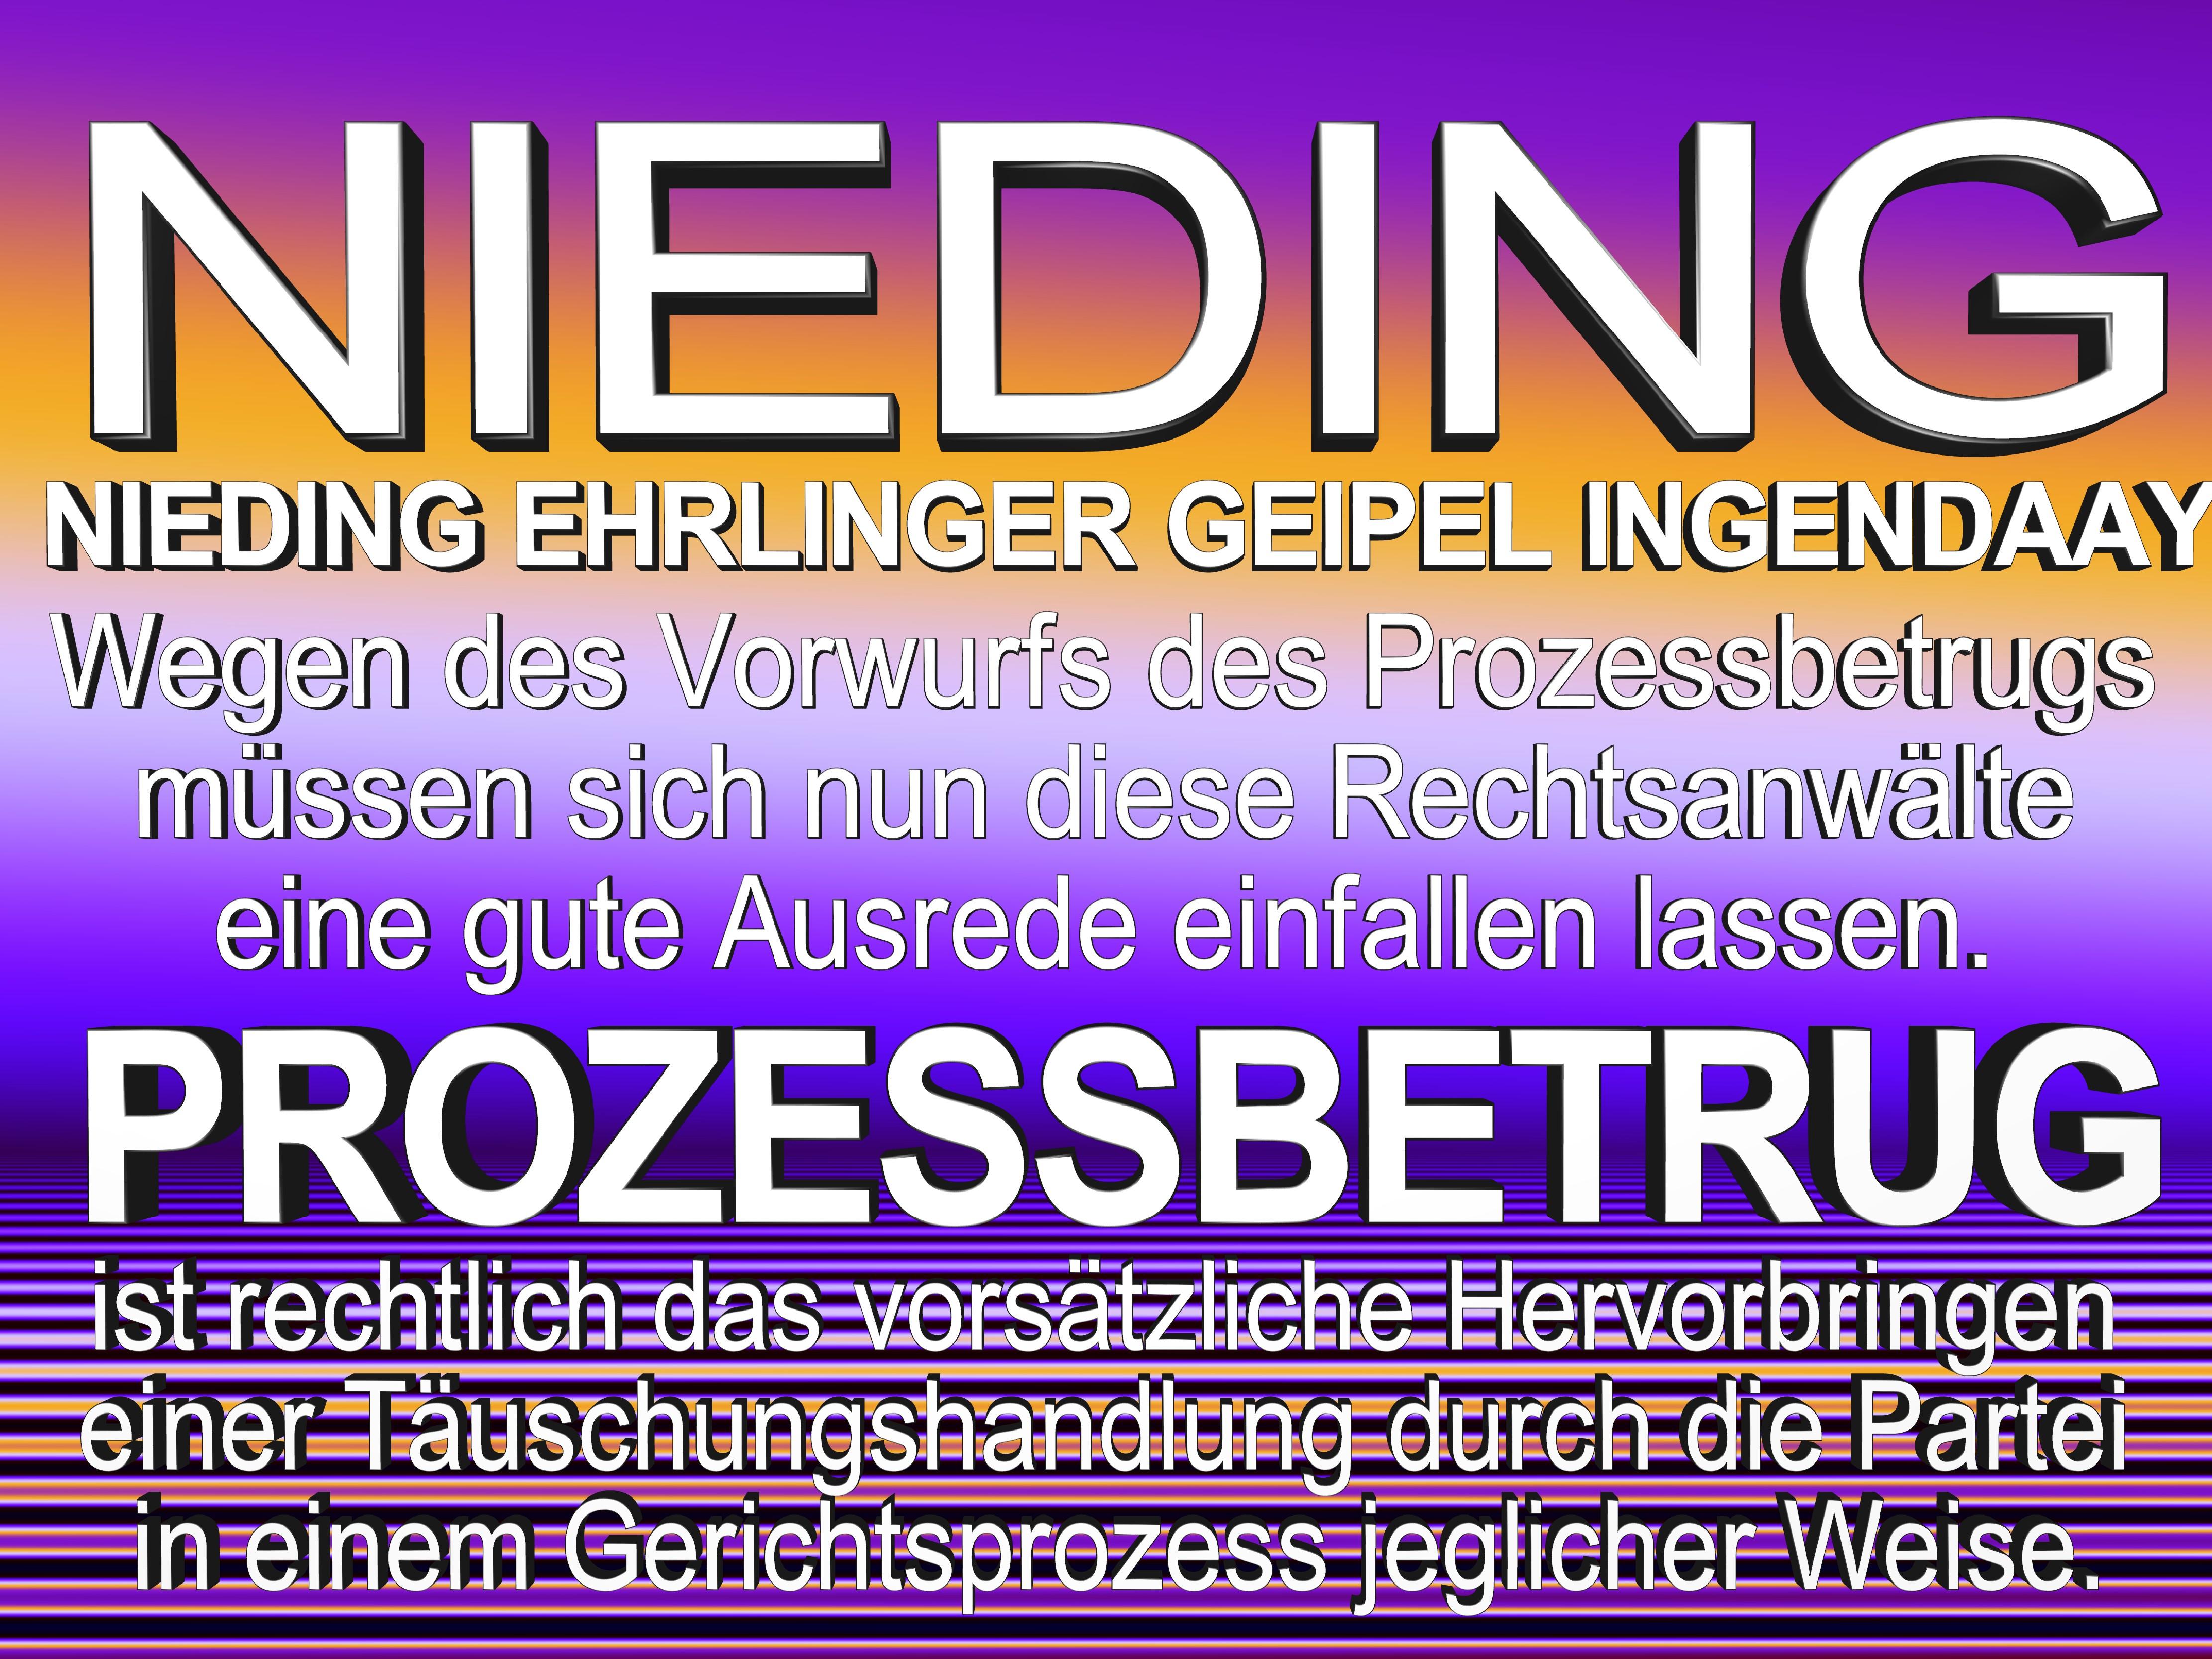 NIEDING EHRLINGER GEIPEL INGENDAAY LELKE Kurfürstendamm 66 Berlin (76)